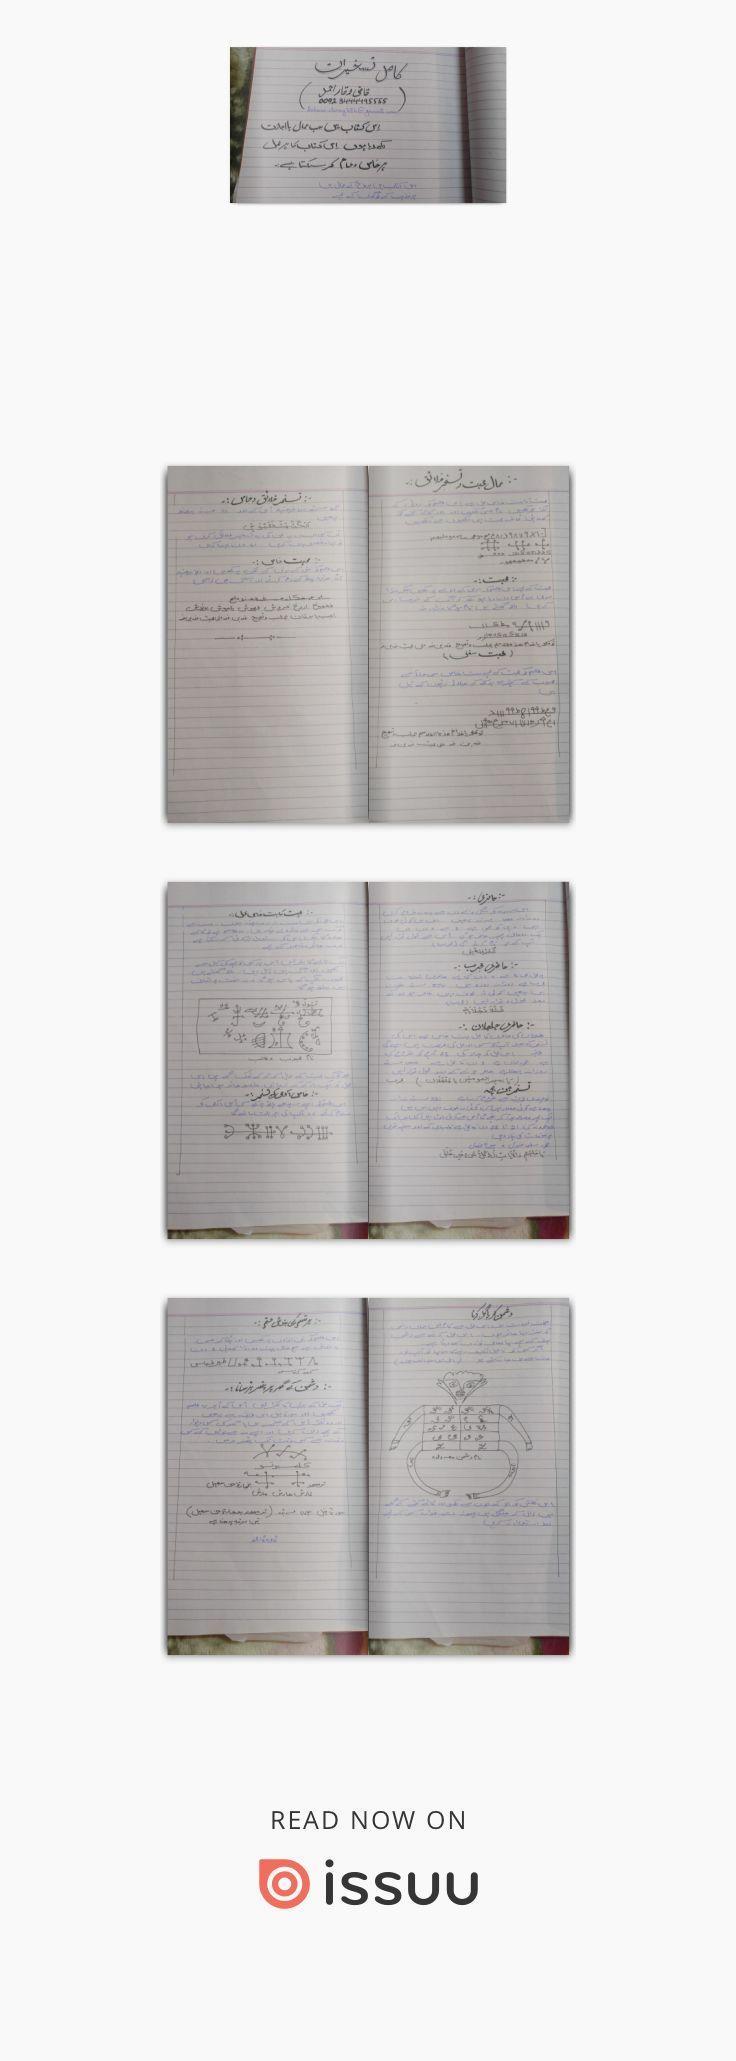 Kamil taskheerat by qazi waqar ahmad | Pdf books download in